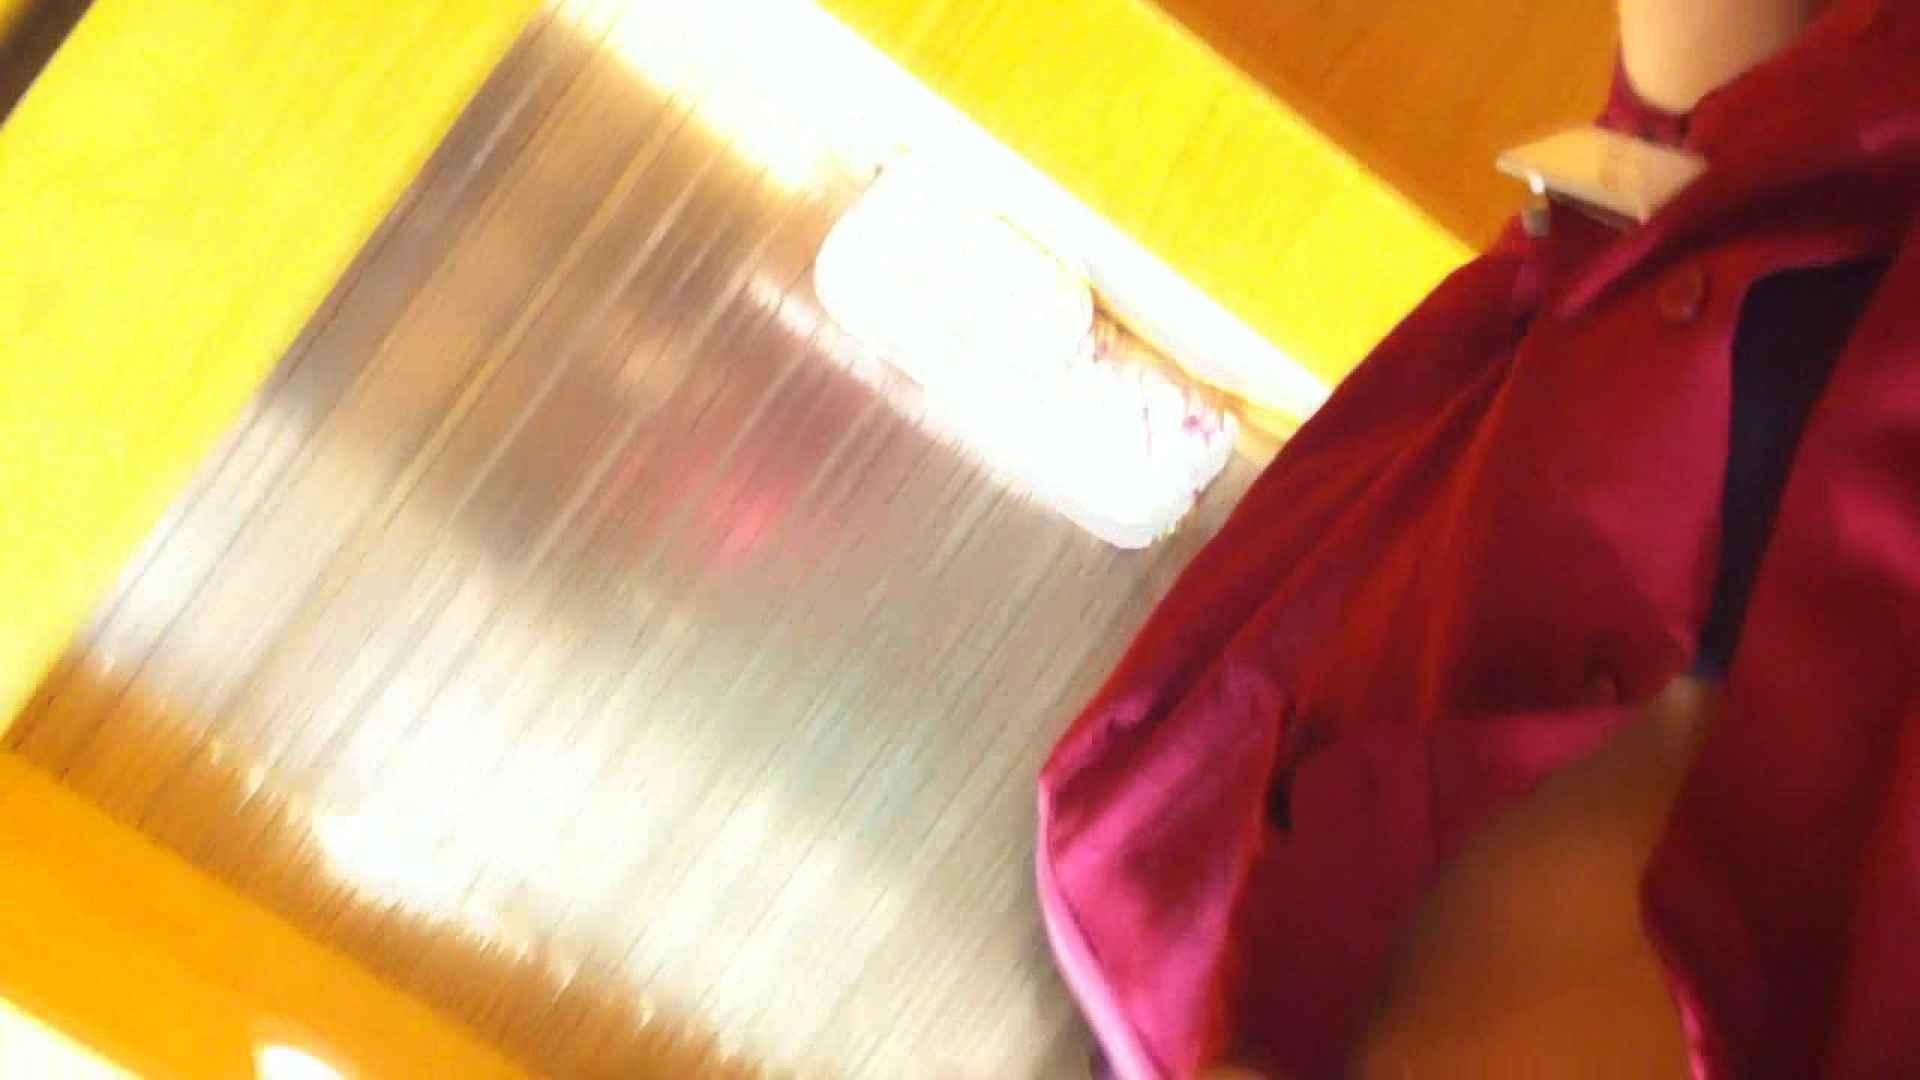 フルHD ショップ店員千人斬り! 大画面ノーカット完全版 vol.86 高画質 オマンコ動画キャプチャ 78枚 14